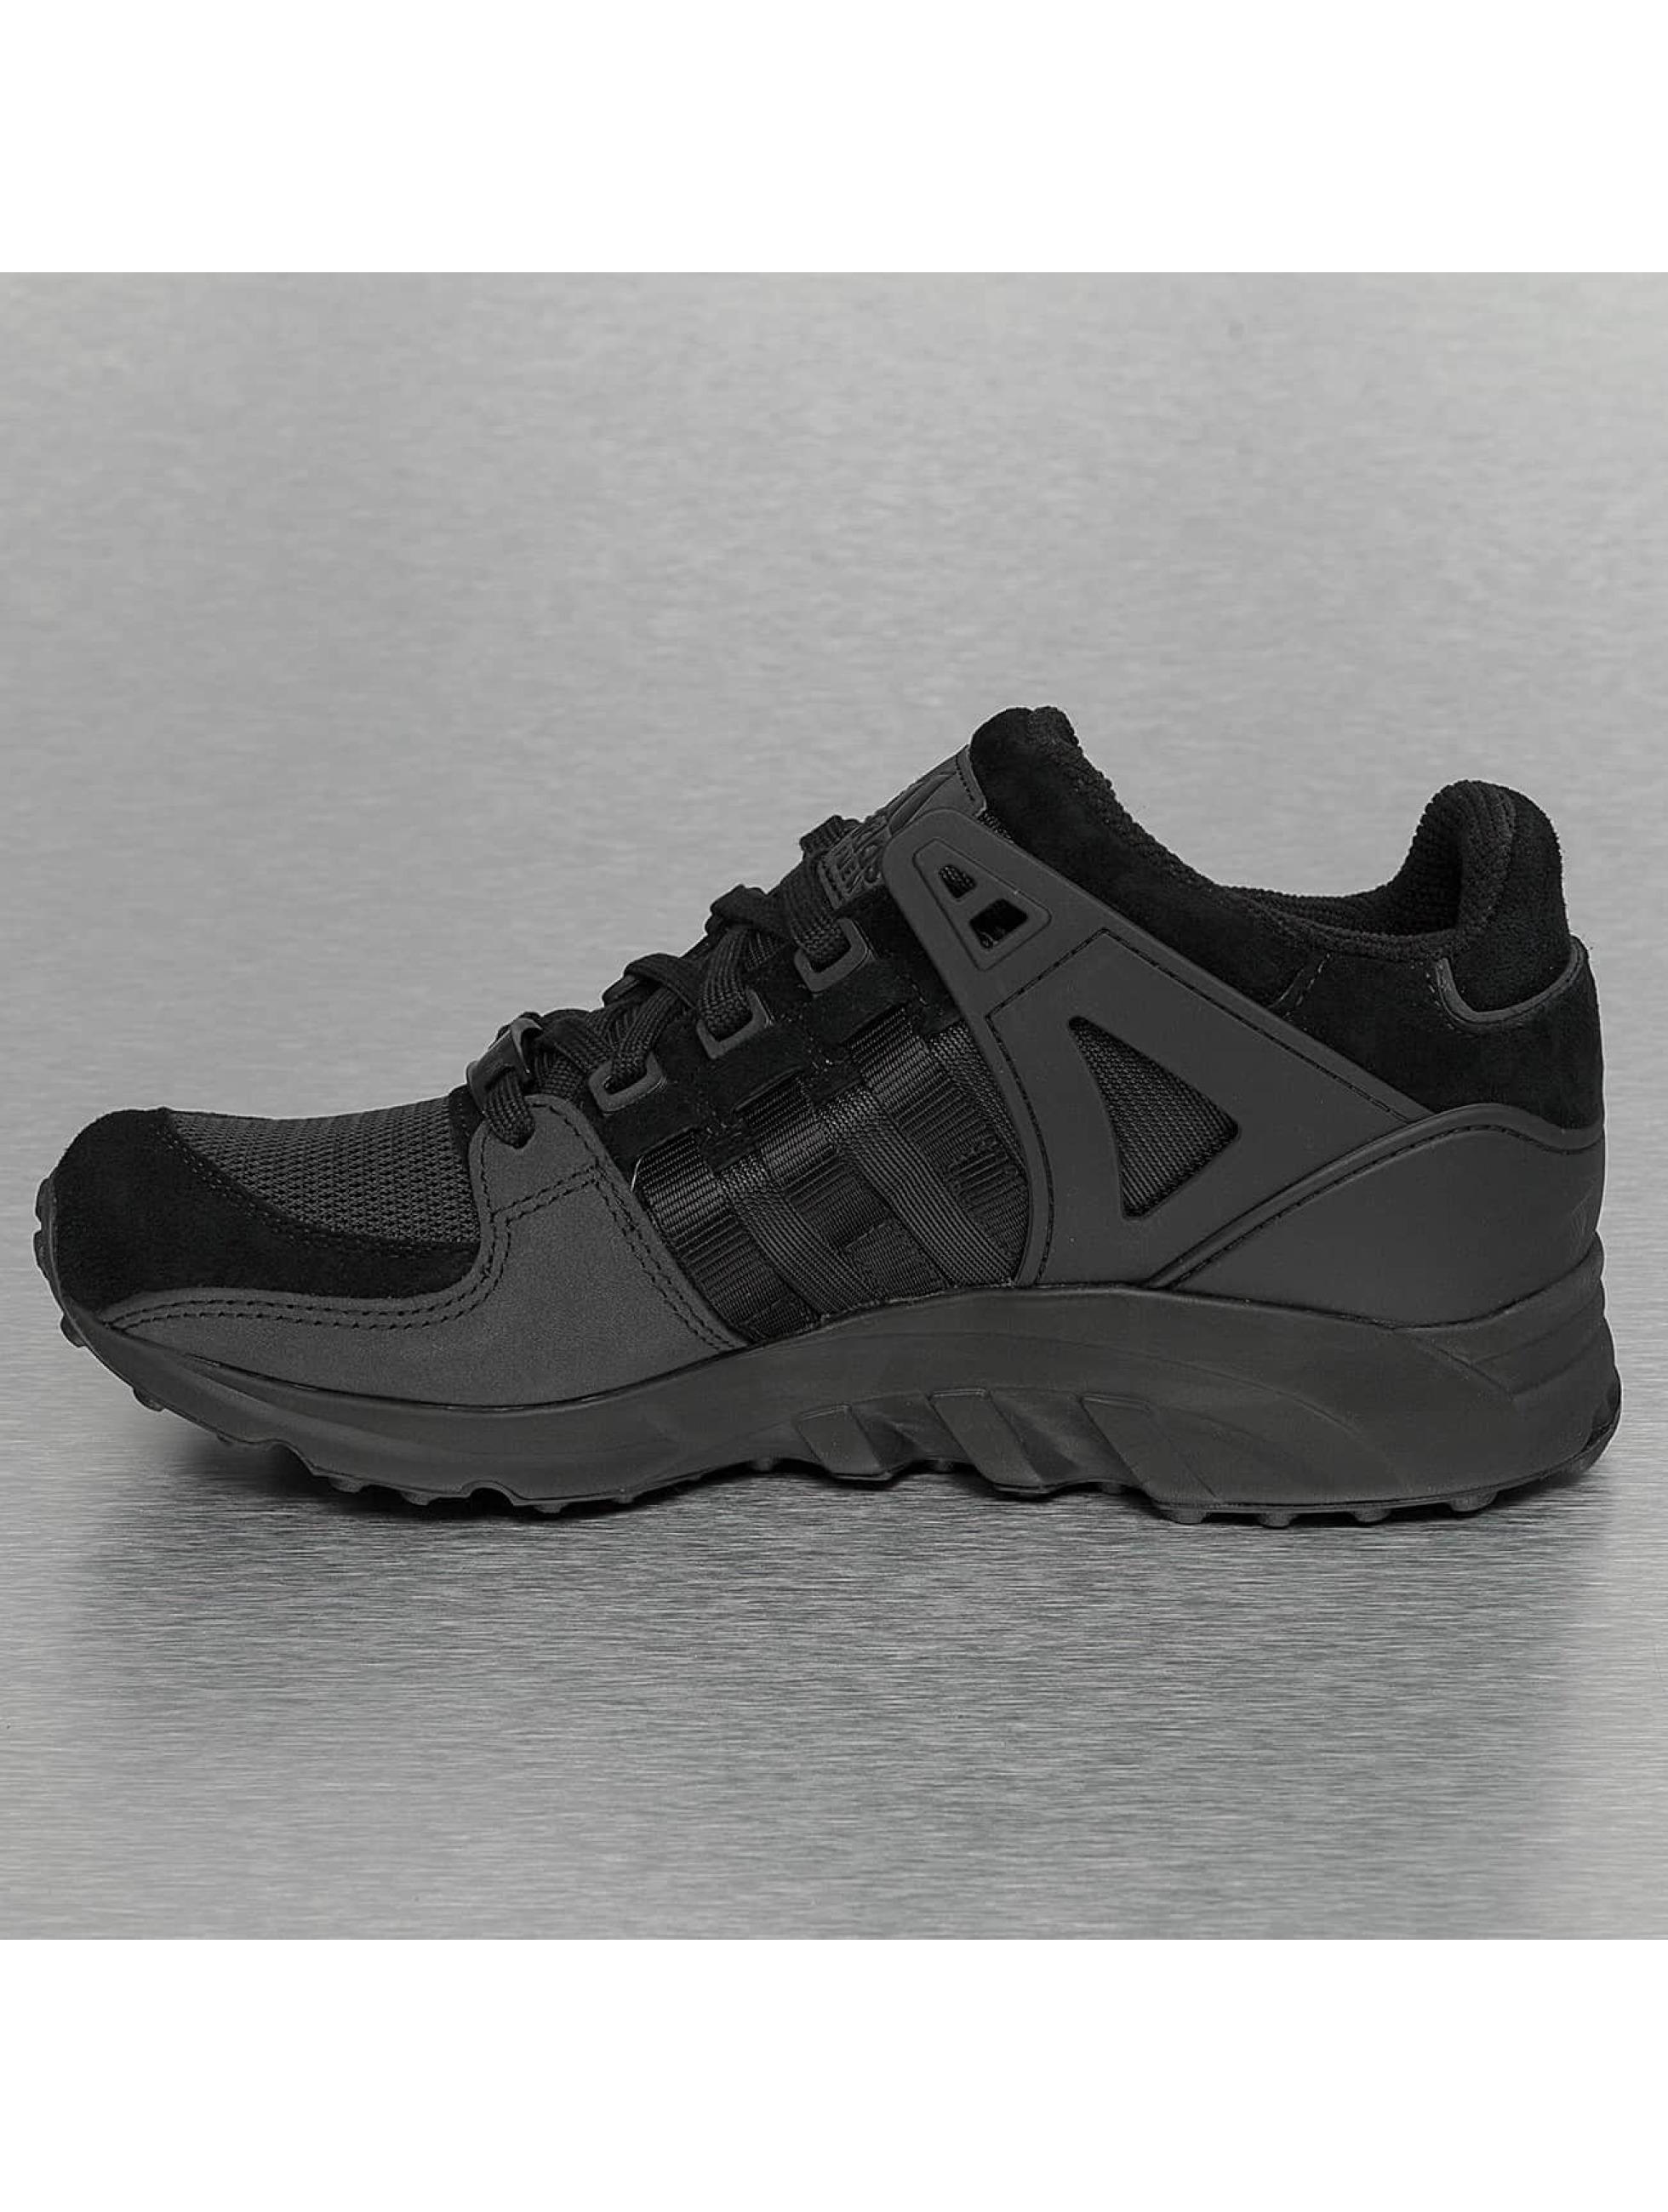 adidas Baskets Equipment noir